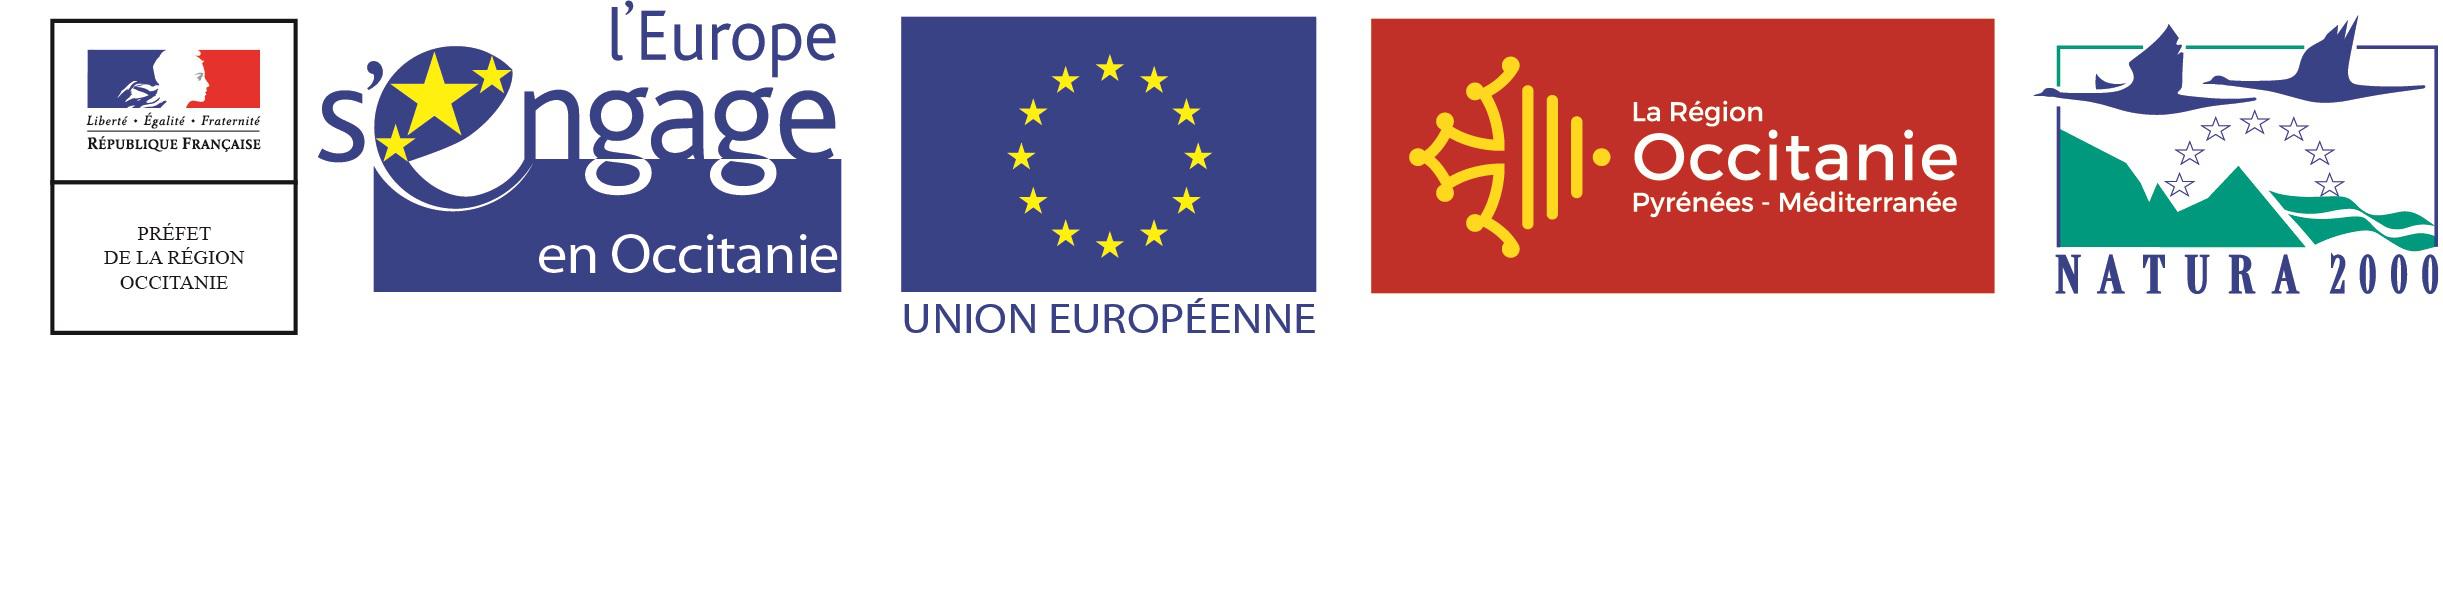 logo N2000